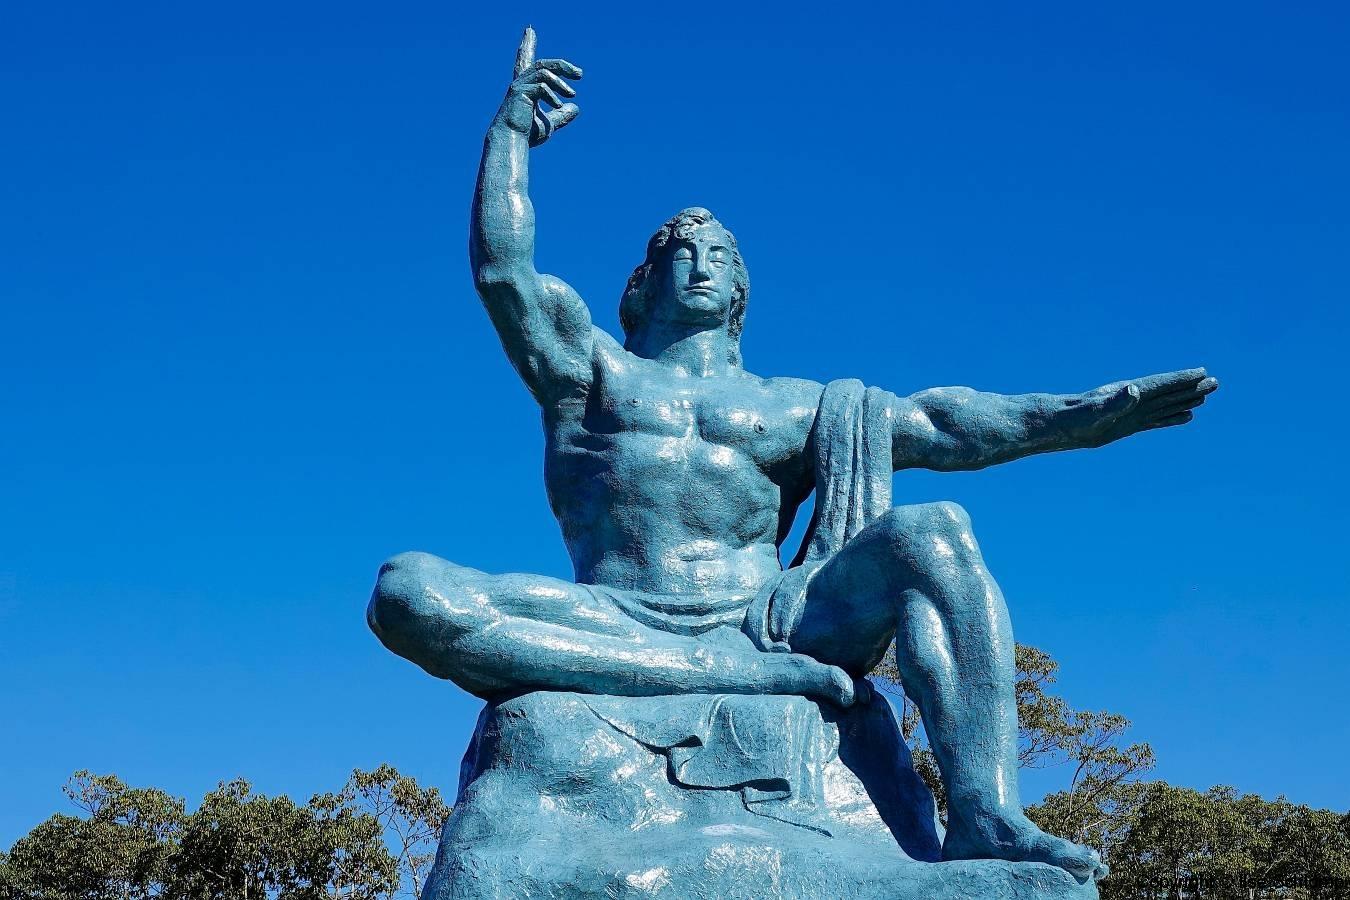 Japan, Nagasaki, Friedenspark, Statue des Friedens, Die erhobene rechte Hand bedeutet die Bedrohung der Atomwaffen, während der linke ausgestreckte Arm den Wunsch nach Frieden repräsentiert und die Augen sind im Gebet für die Seelen der Atombombenopfer geschlossen